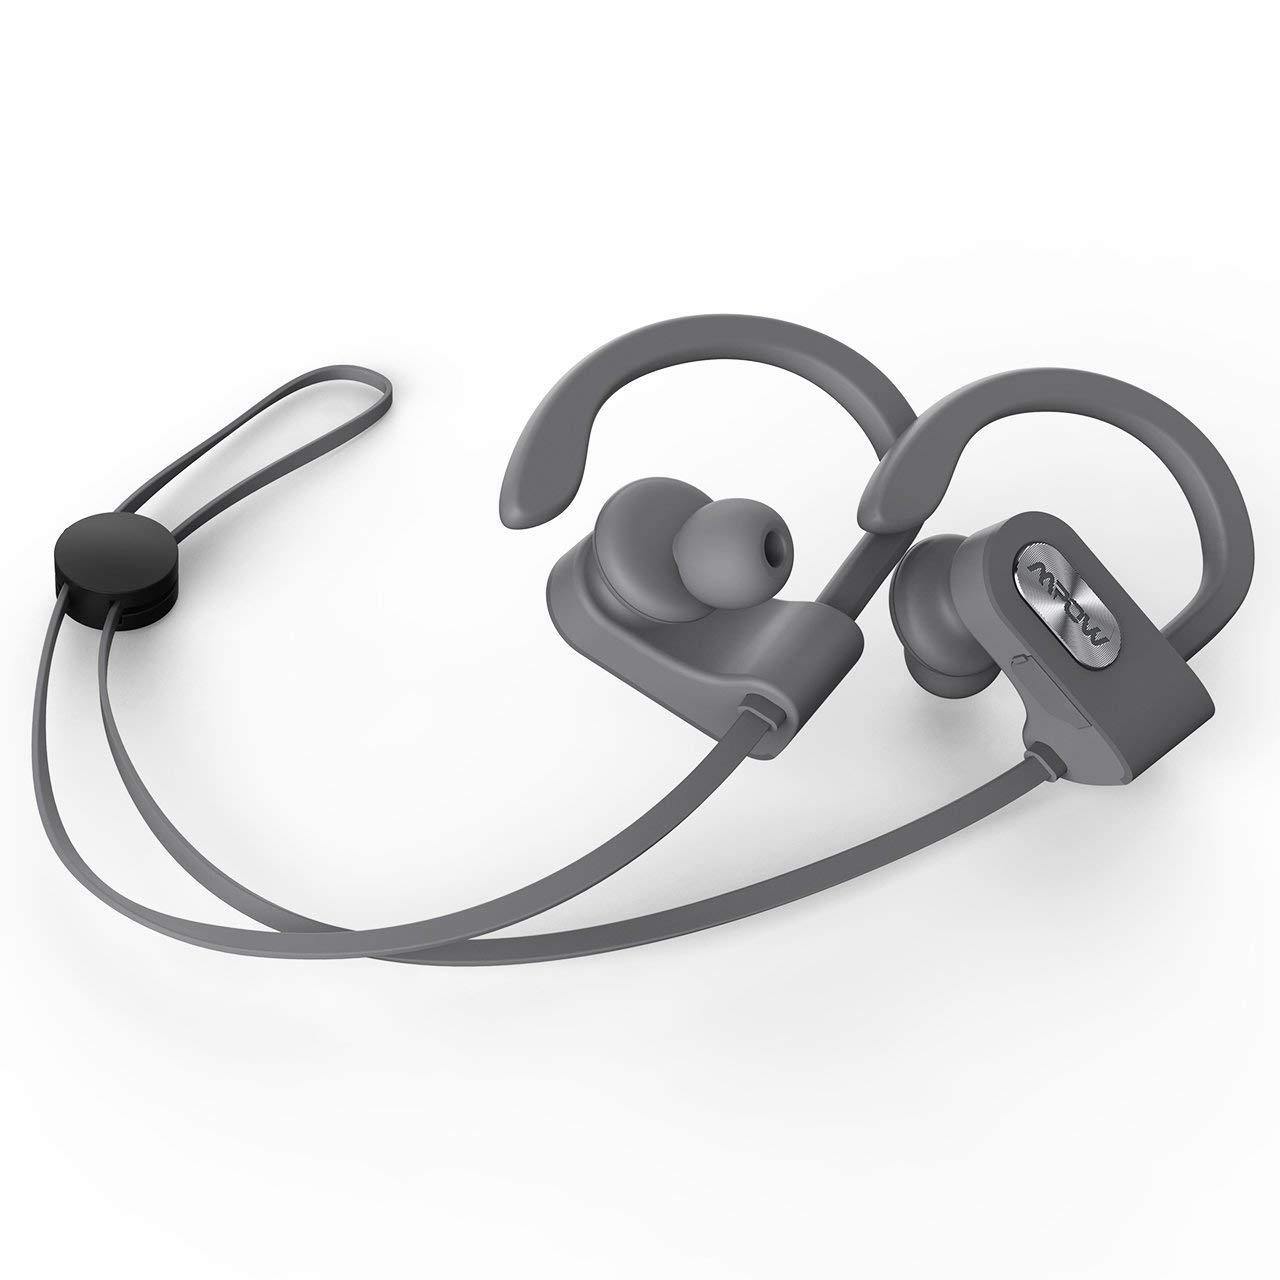 Tai Nghe Headphone Earbub Chống Nước IPX7 MPOW Bluetooth Đàm Thoại Cao Cấp - Hãng Phân Phối Chính Thức